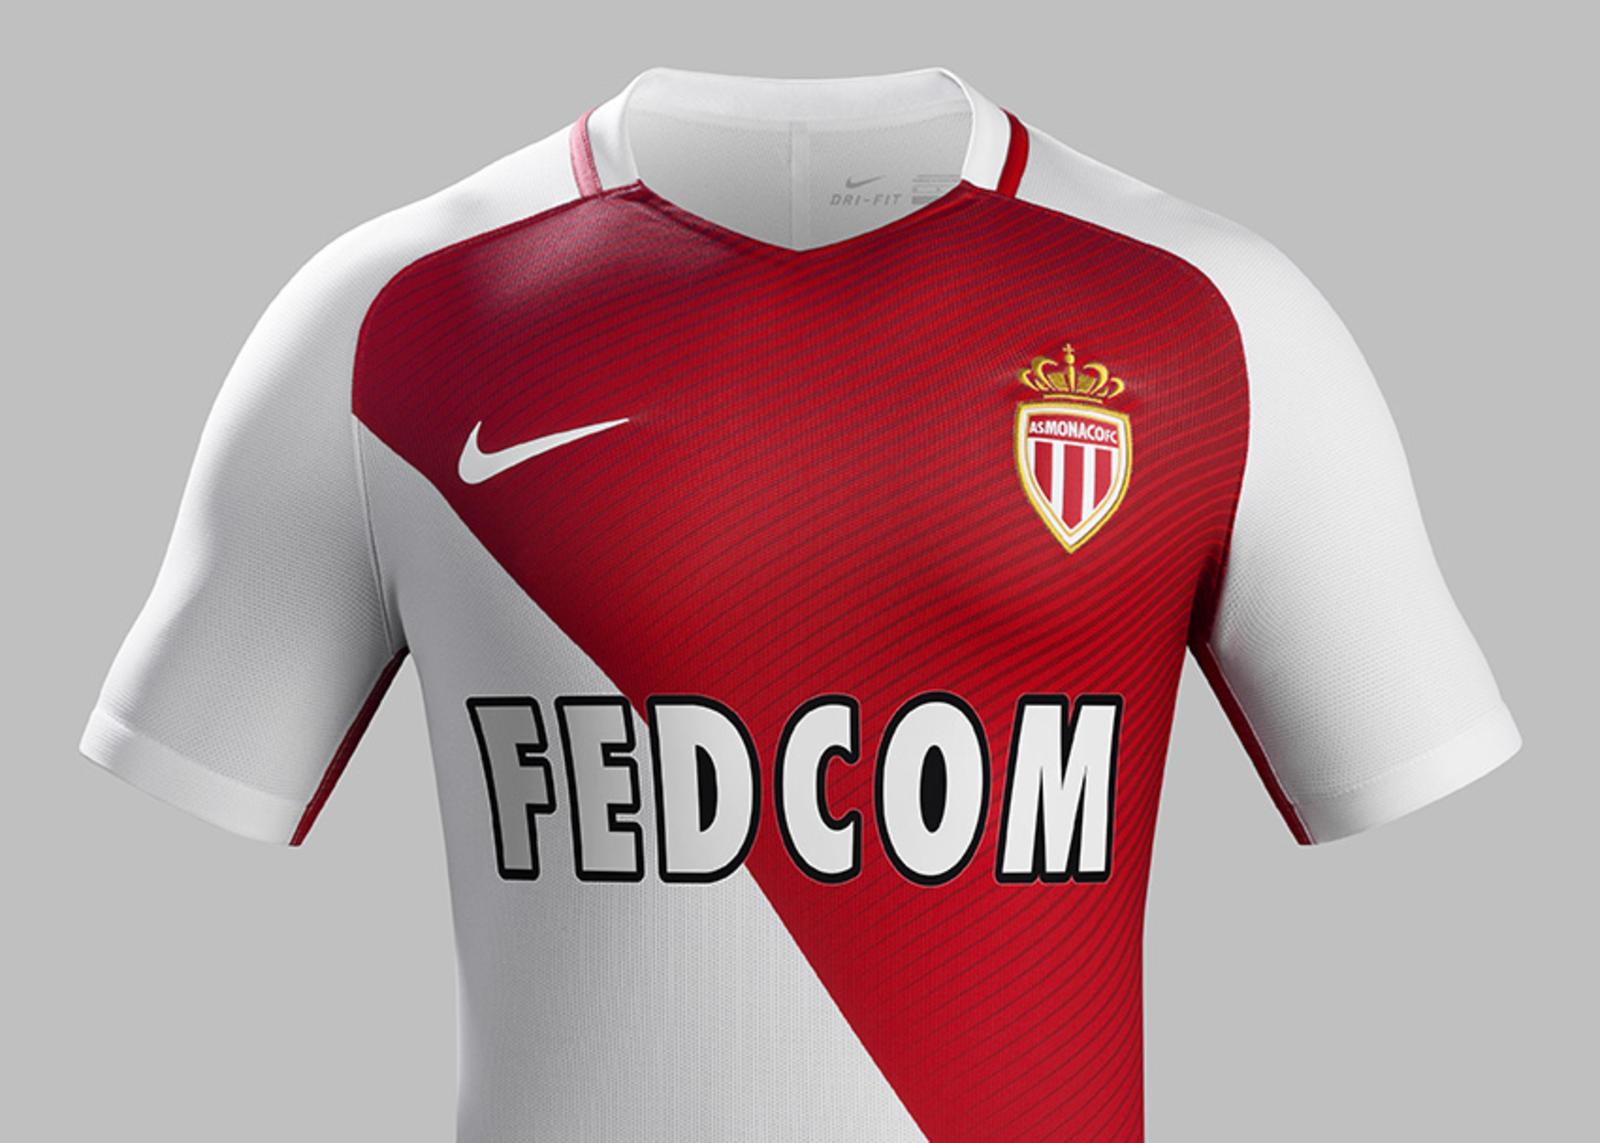 Maillot domicile AS Monaco 2016 - 2017 Nike